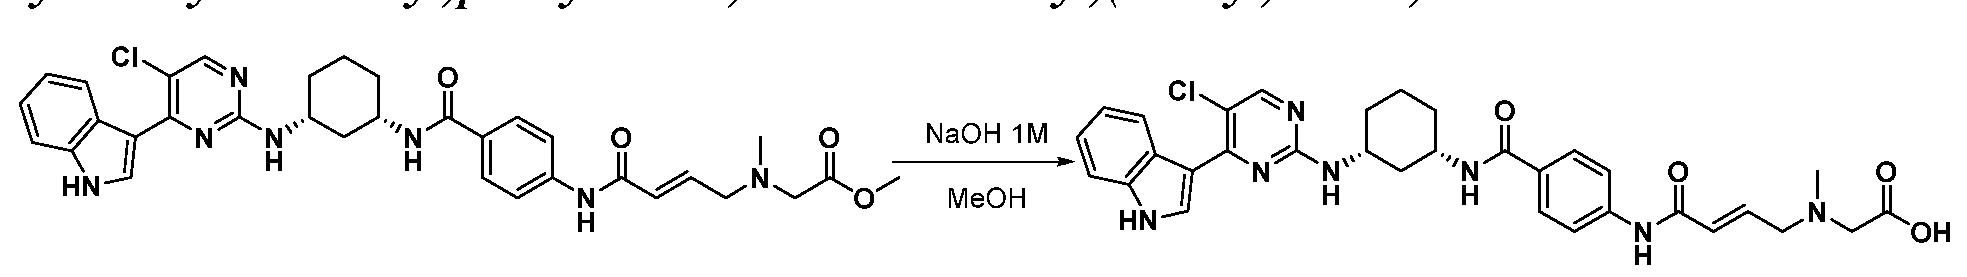 Figure imgf000193_0001